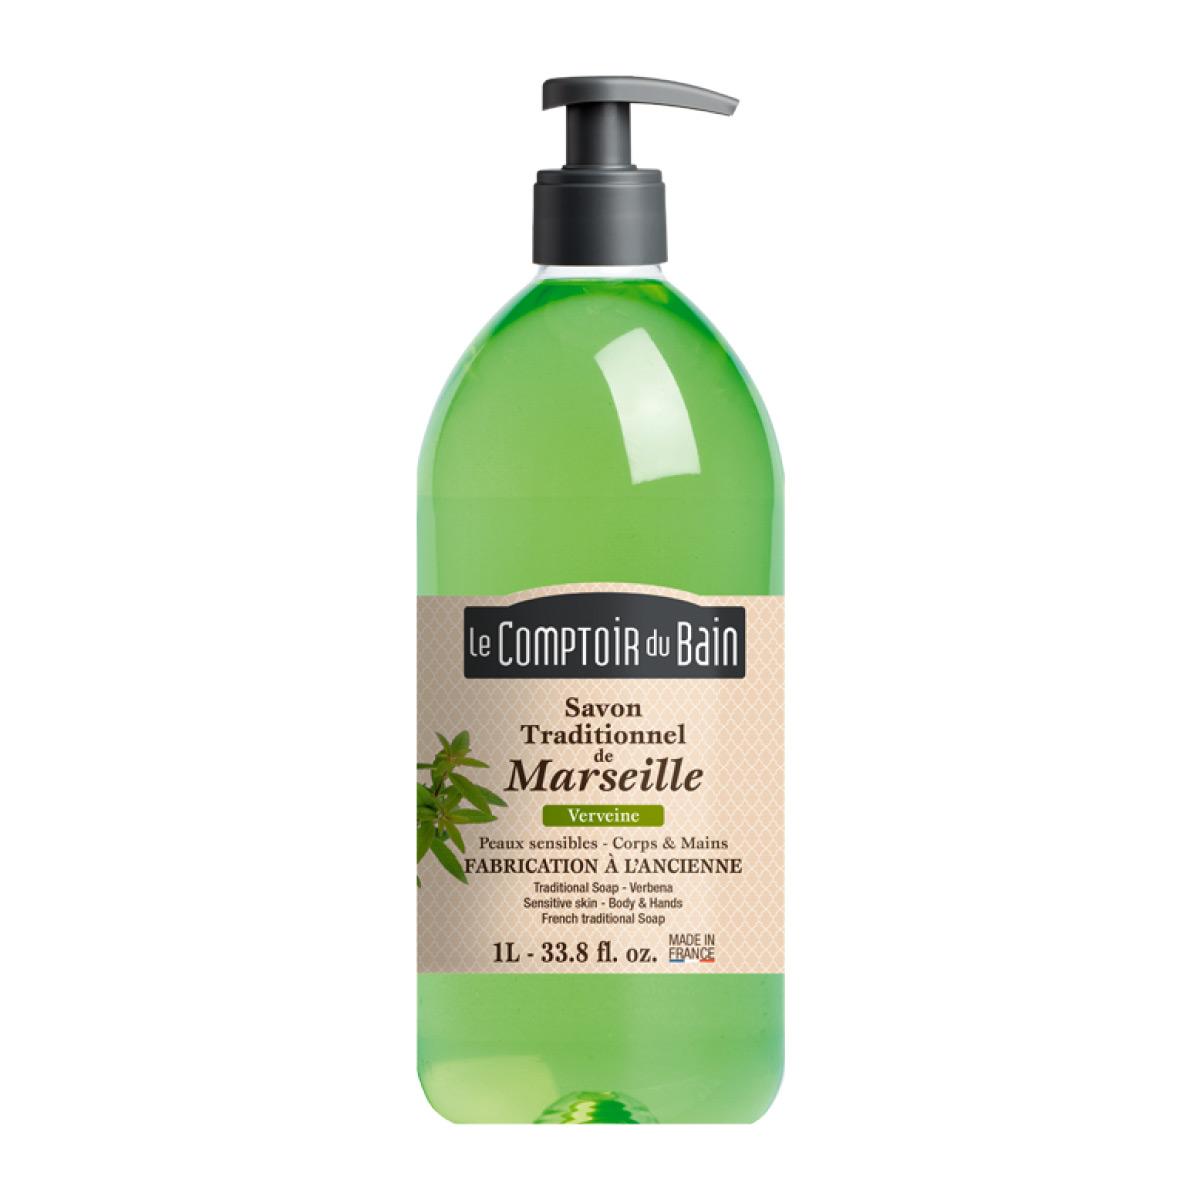 Le comptoir du bain savon liquide de marseille verveine - Le comptoir du bain savon liquide de marseille ...